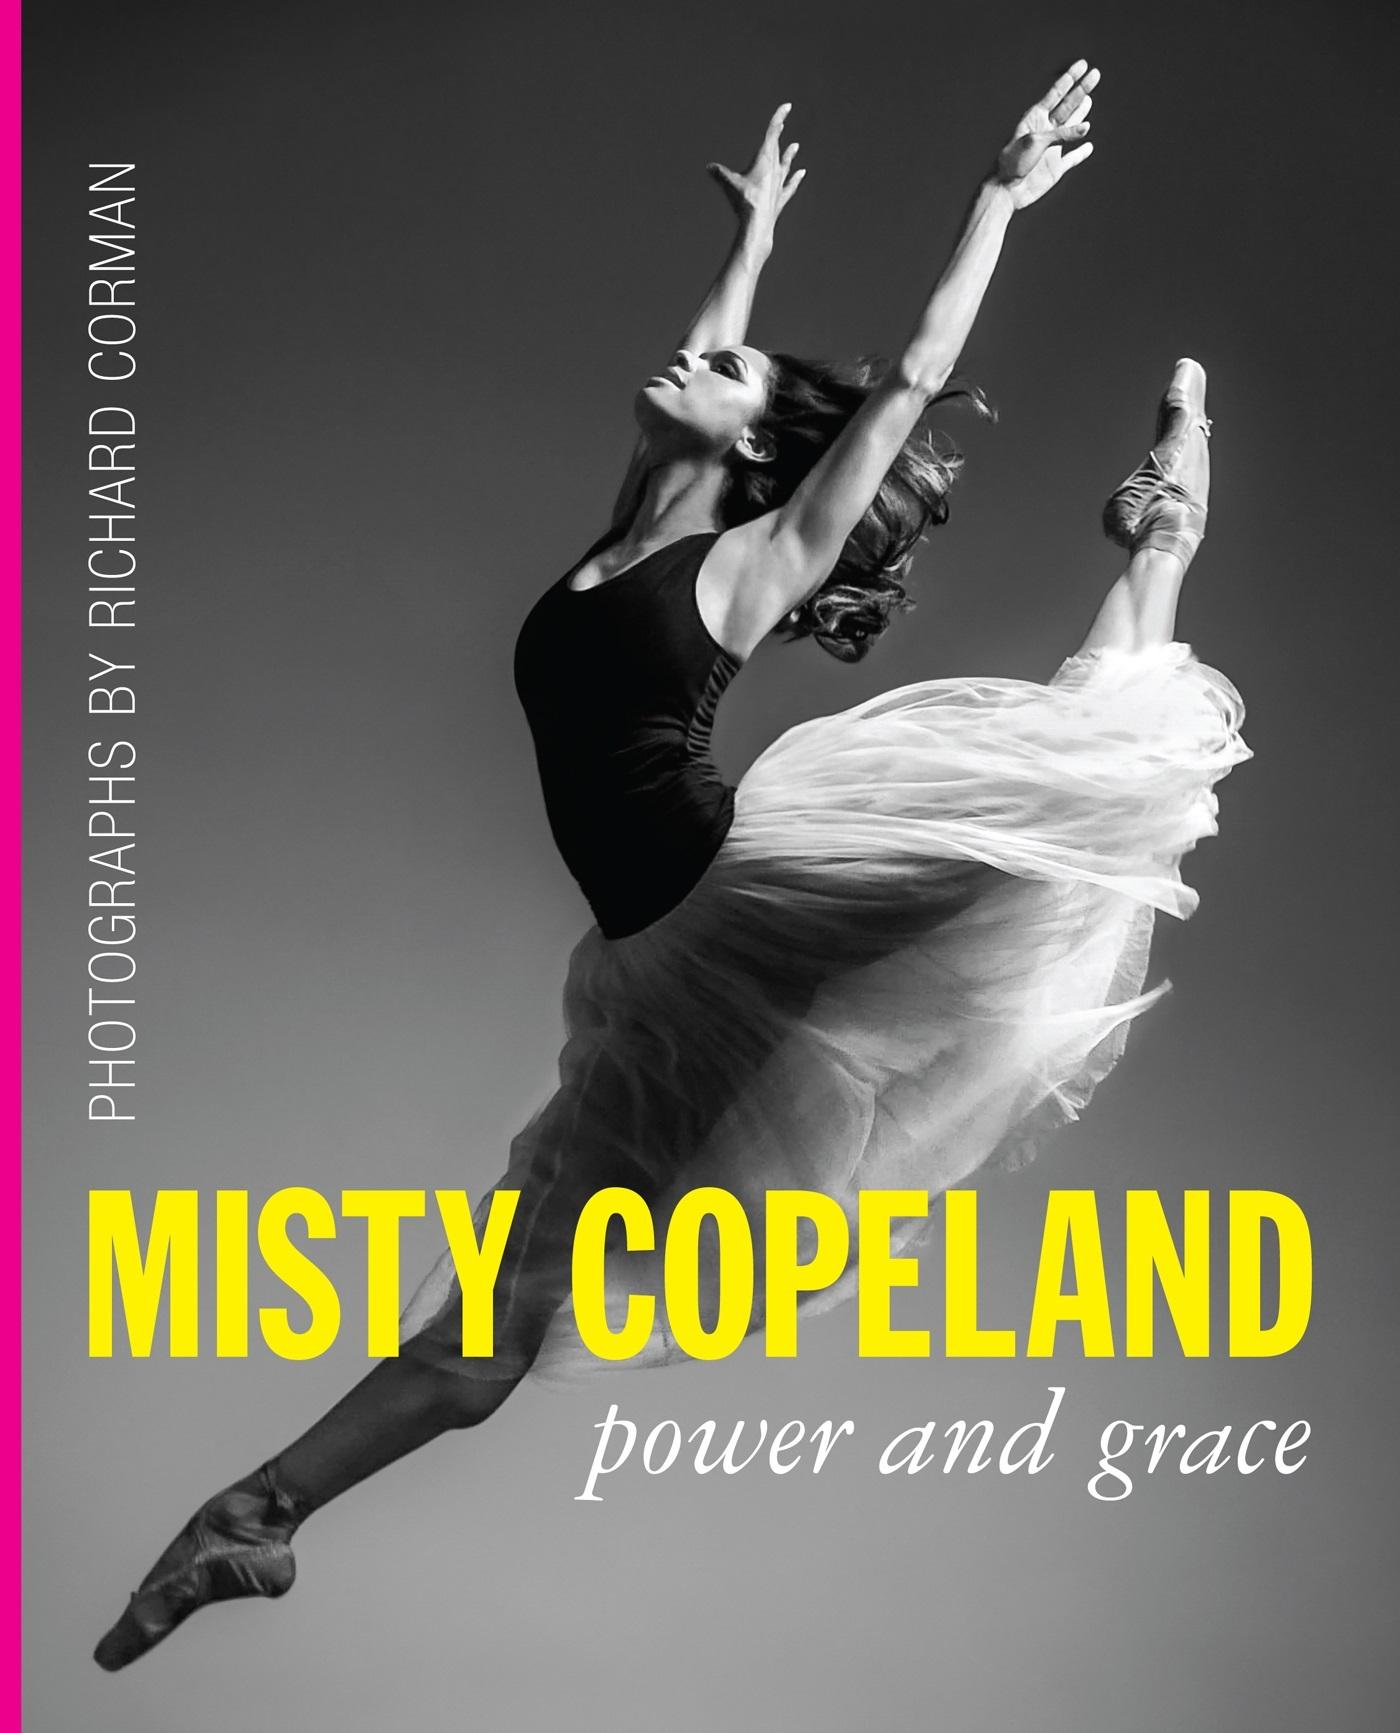 Misty Copeland Book Quotes. QuotesGram